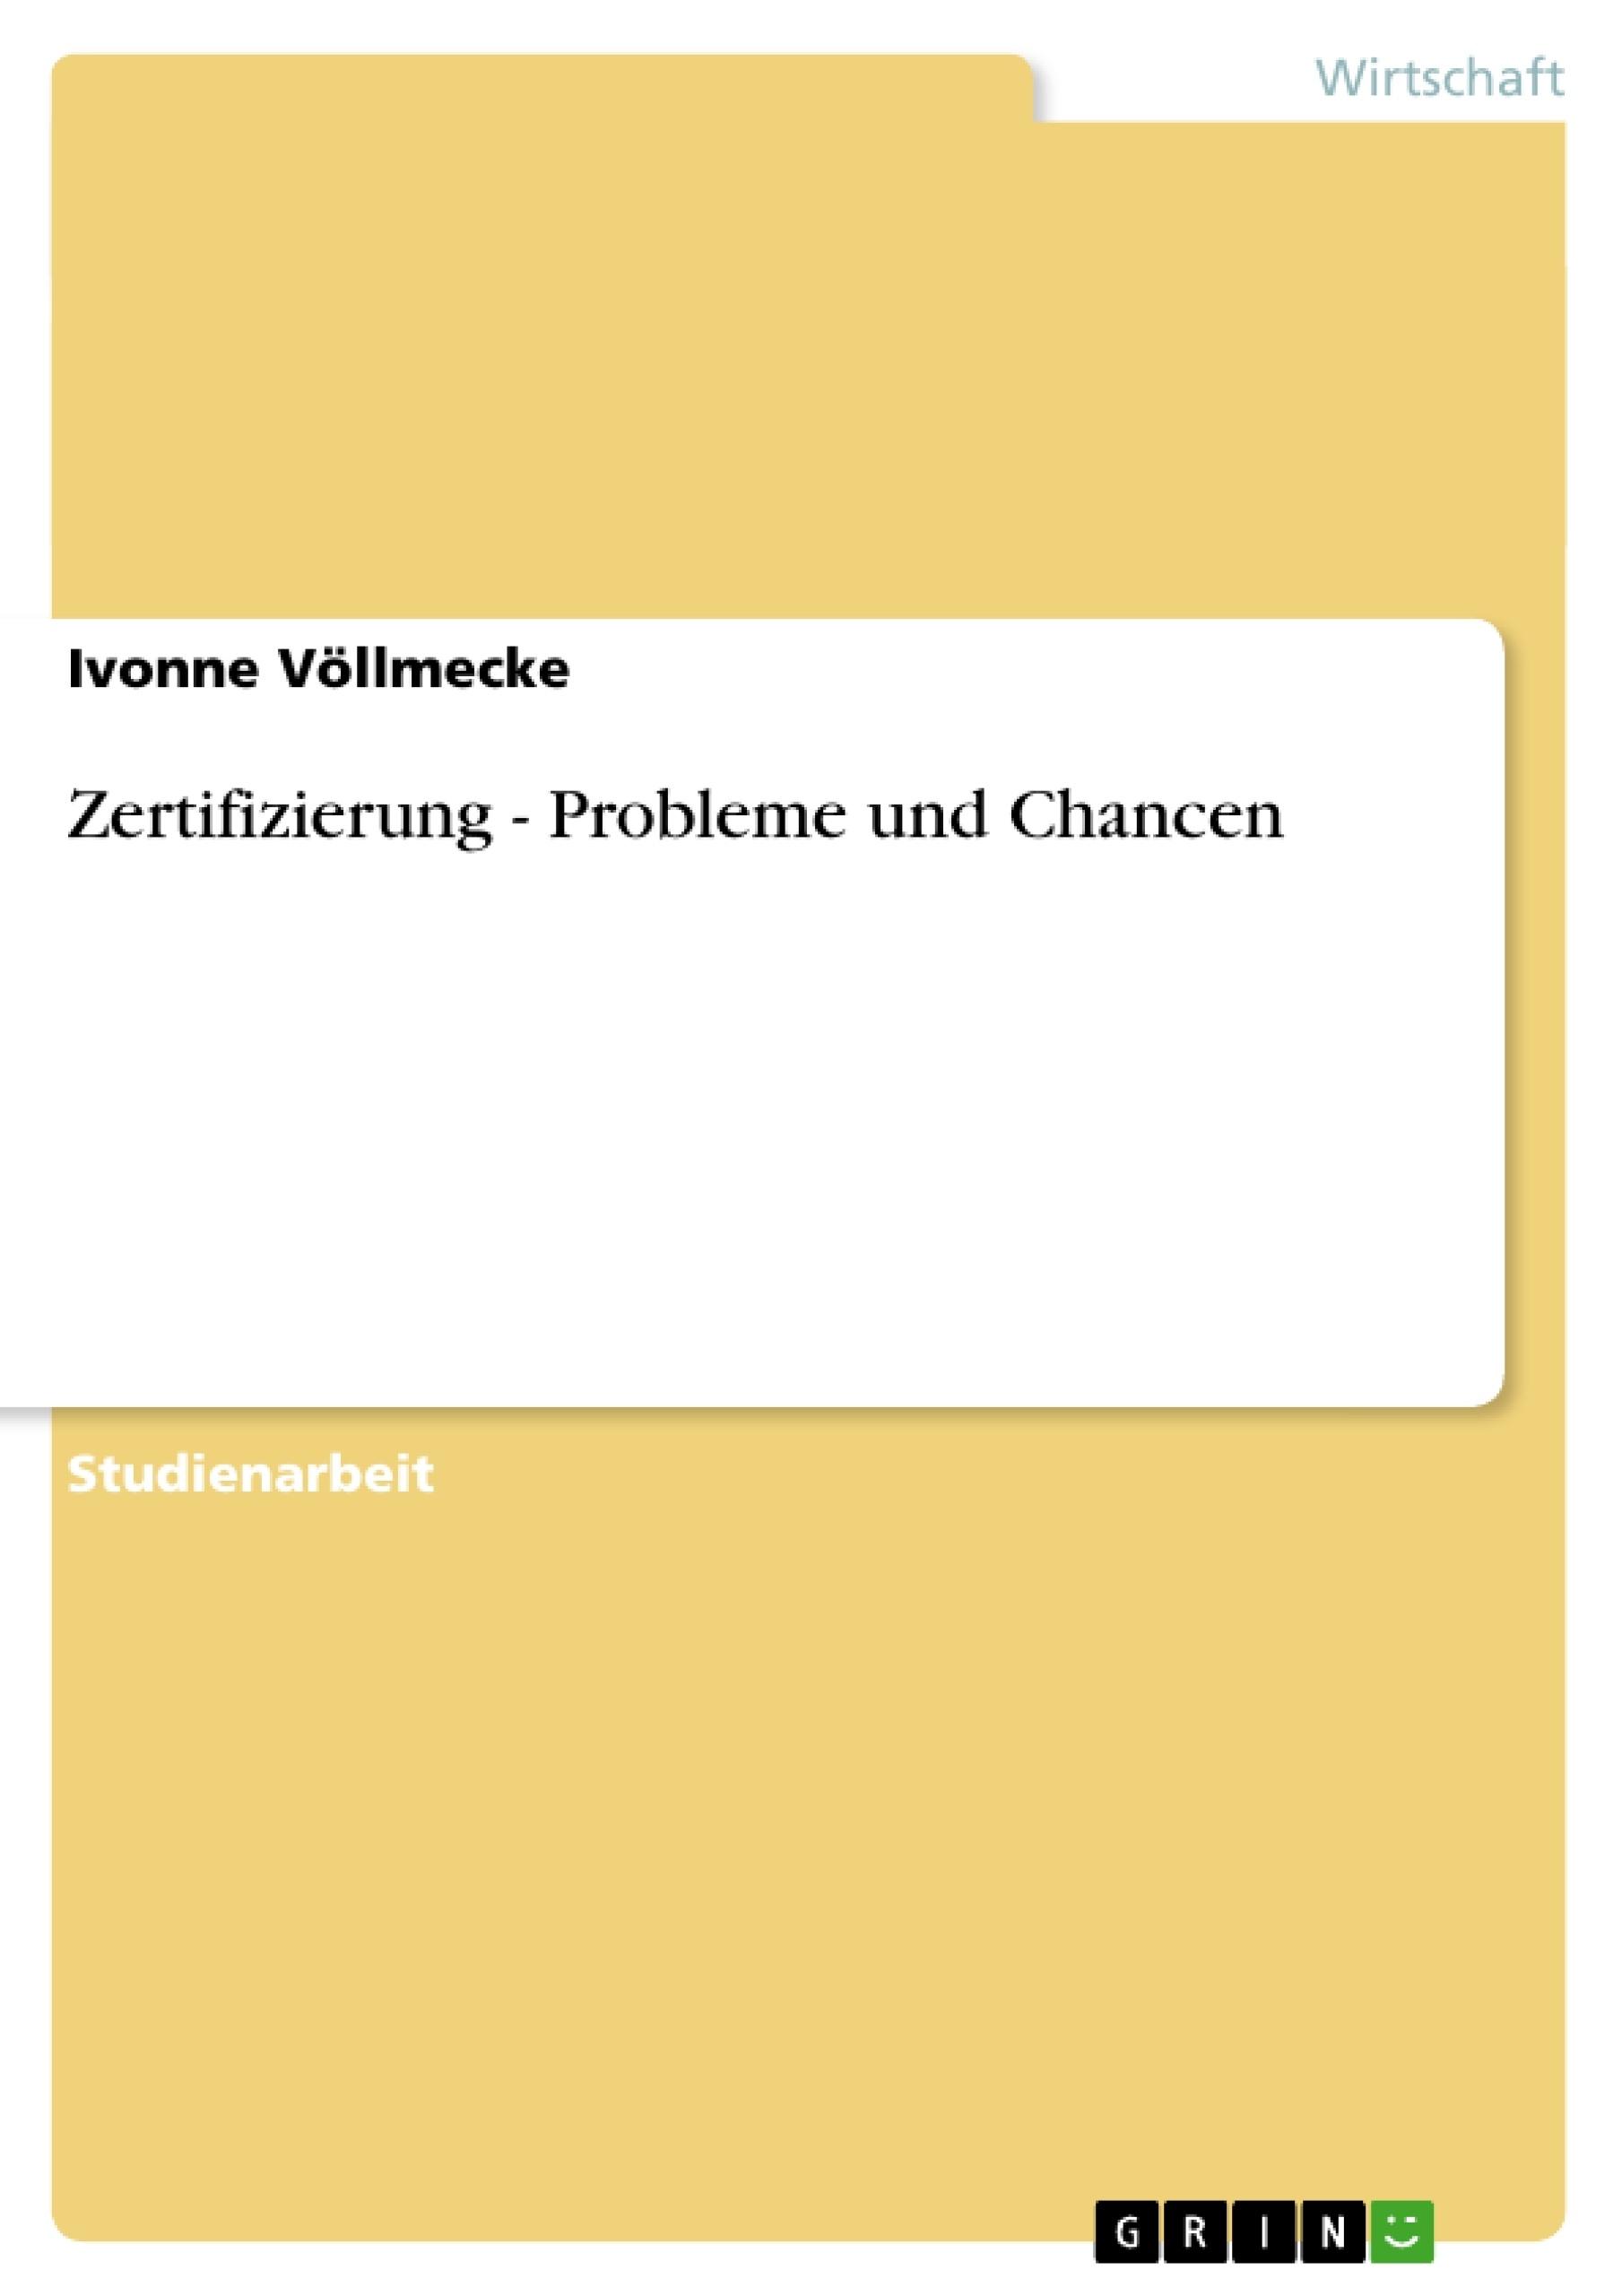 Titel: Zertifizierung - Probleme und Chancen